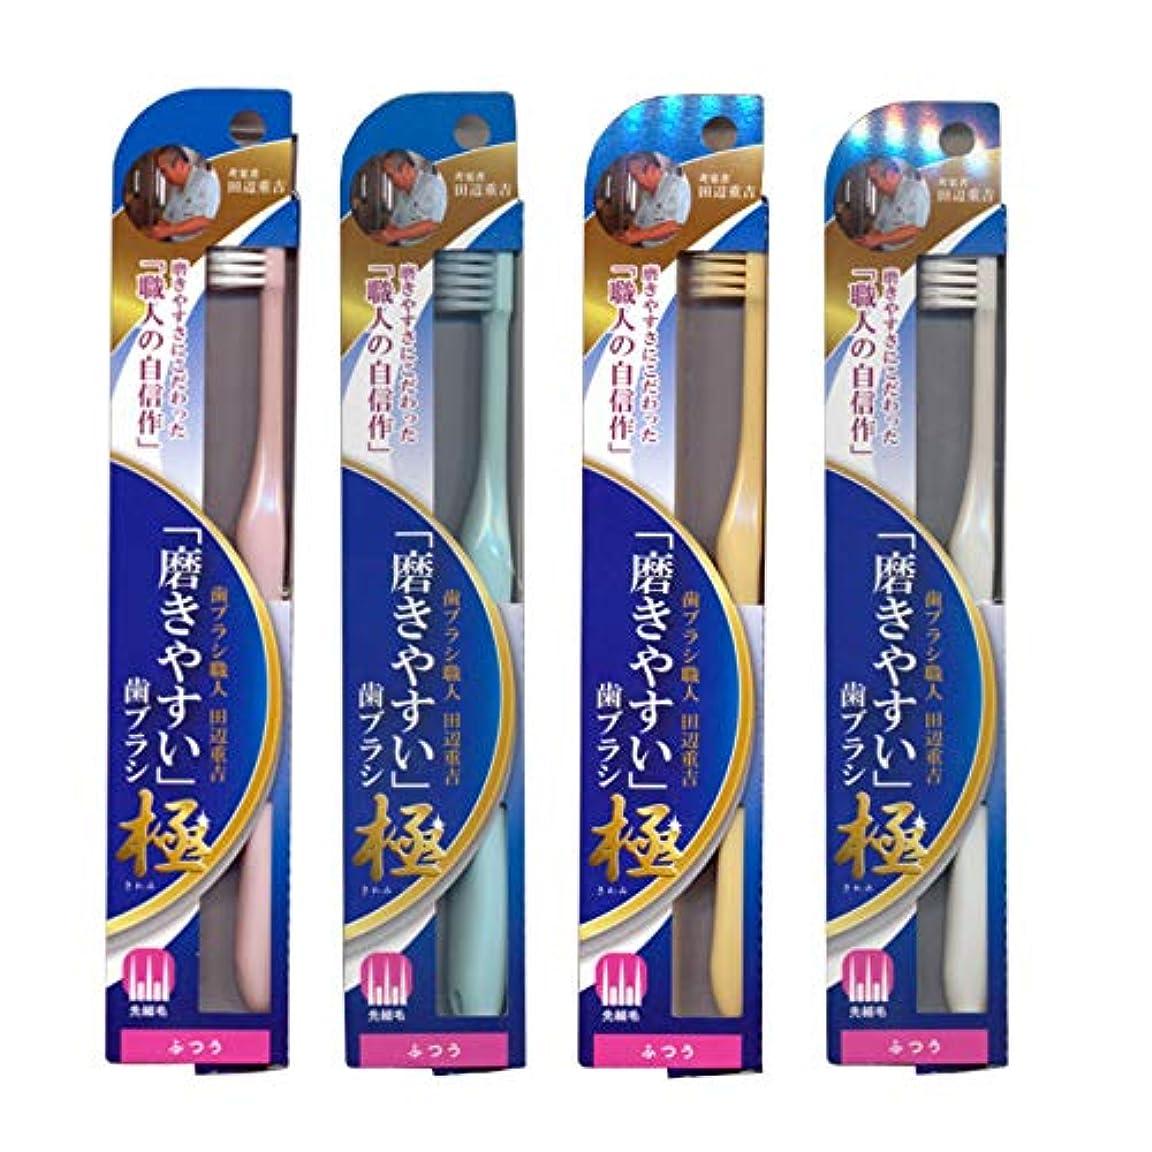 不測の事態焼くウィザード磨きやすい歯ブラシ極 (ふつう) LT-44×4本セット(ピンク×1、ブルー×1、ホワイト×1、イエロー×1)先細毛